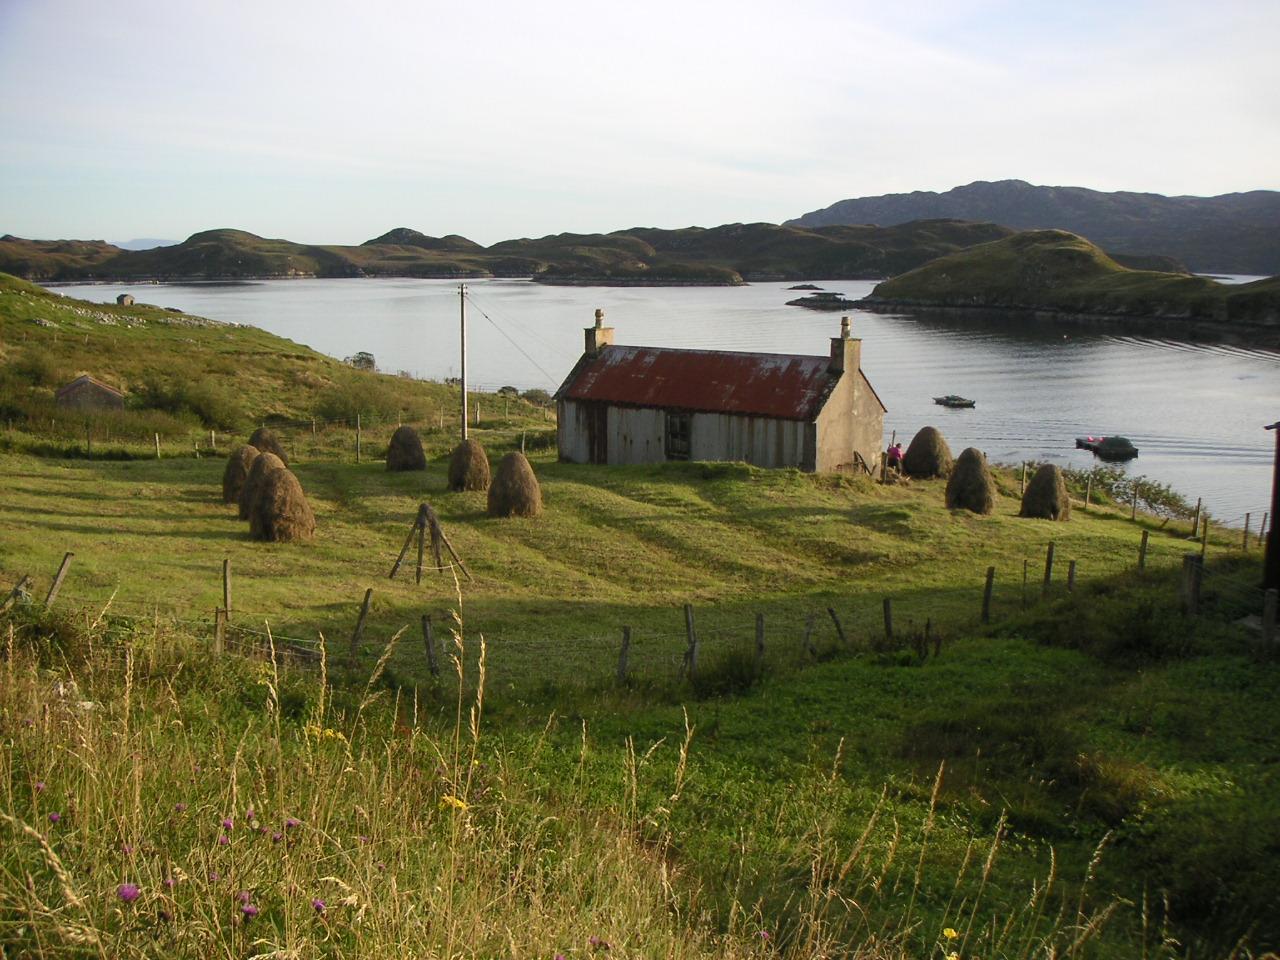 Haystacks in Lemreway 2005